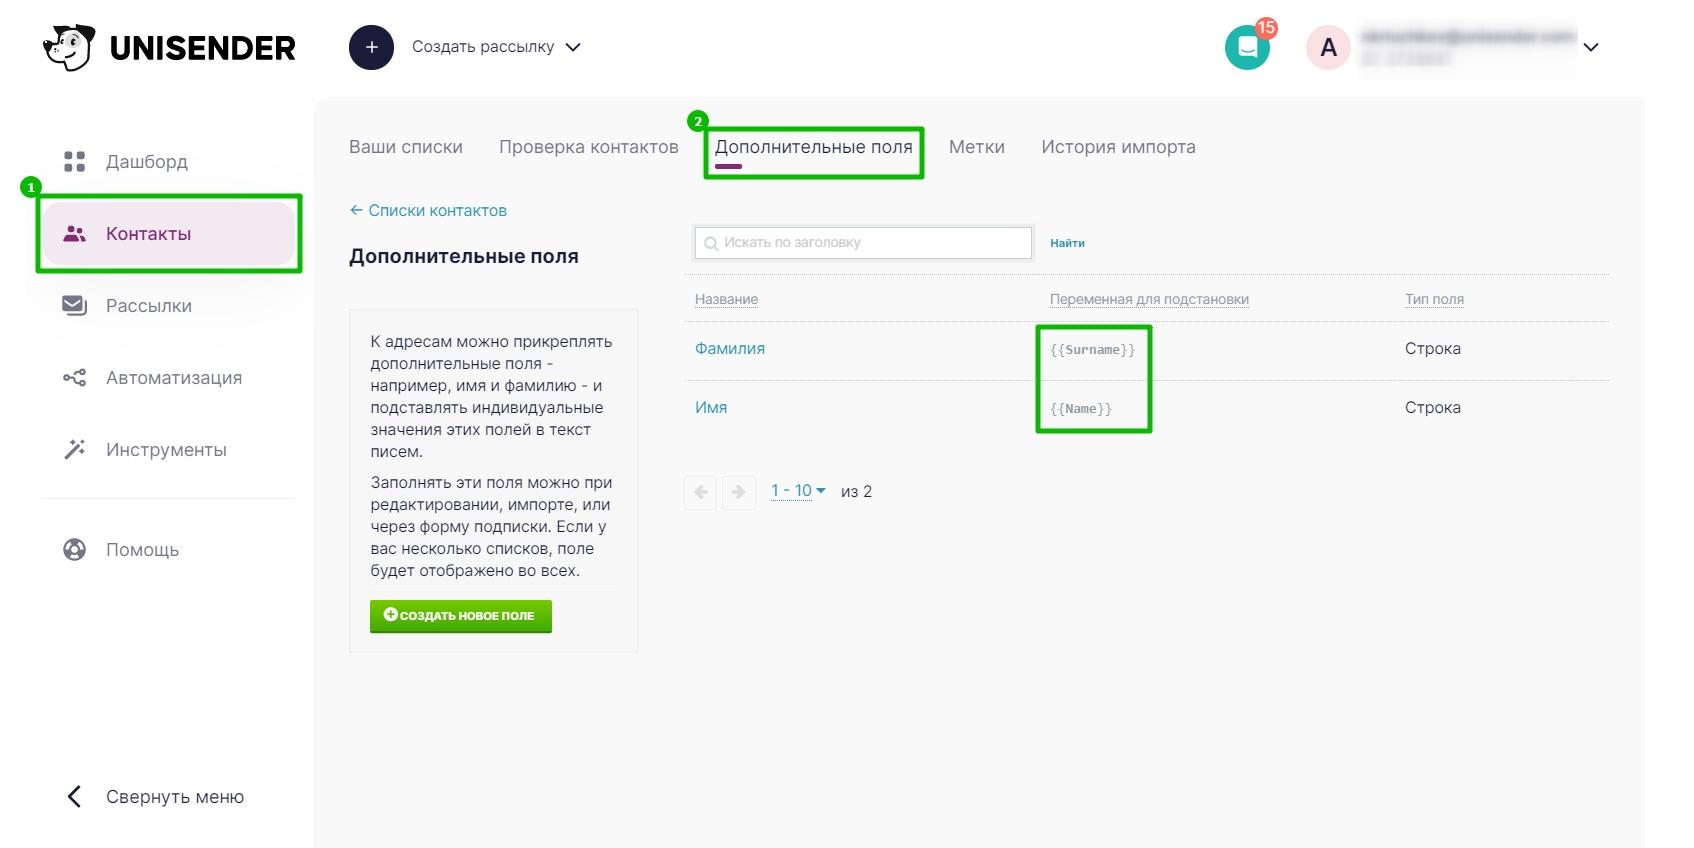 Раздел «Дополнительные поля», где указаны переменные для подстановки пользовательских полей